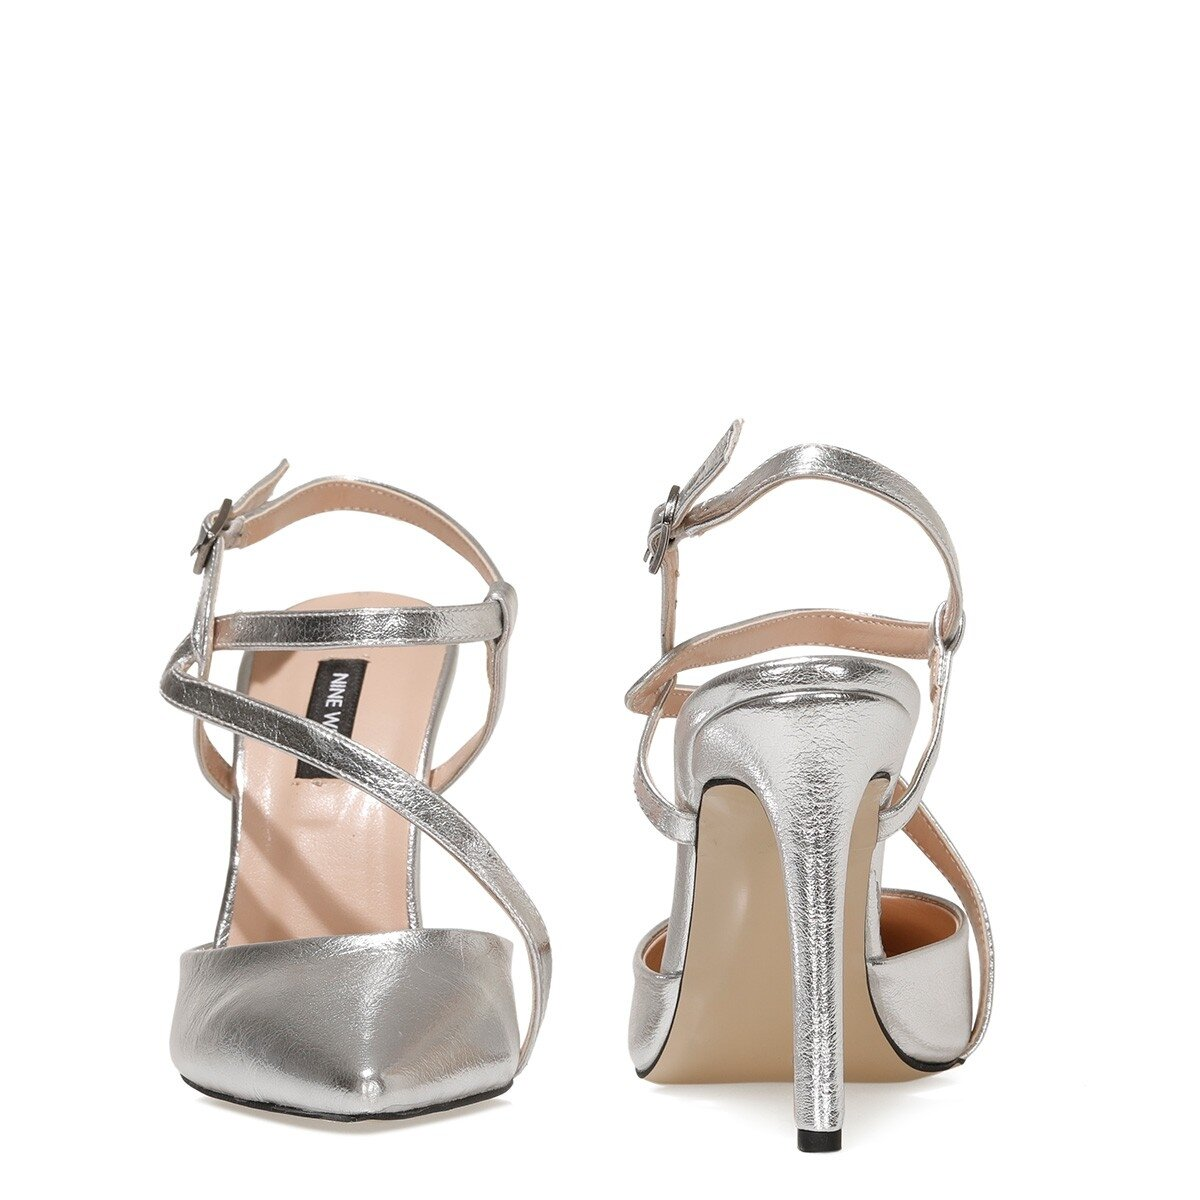 TUMLA 1FX Gümüş Kadın Gova Ayakkabı